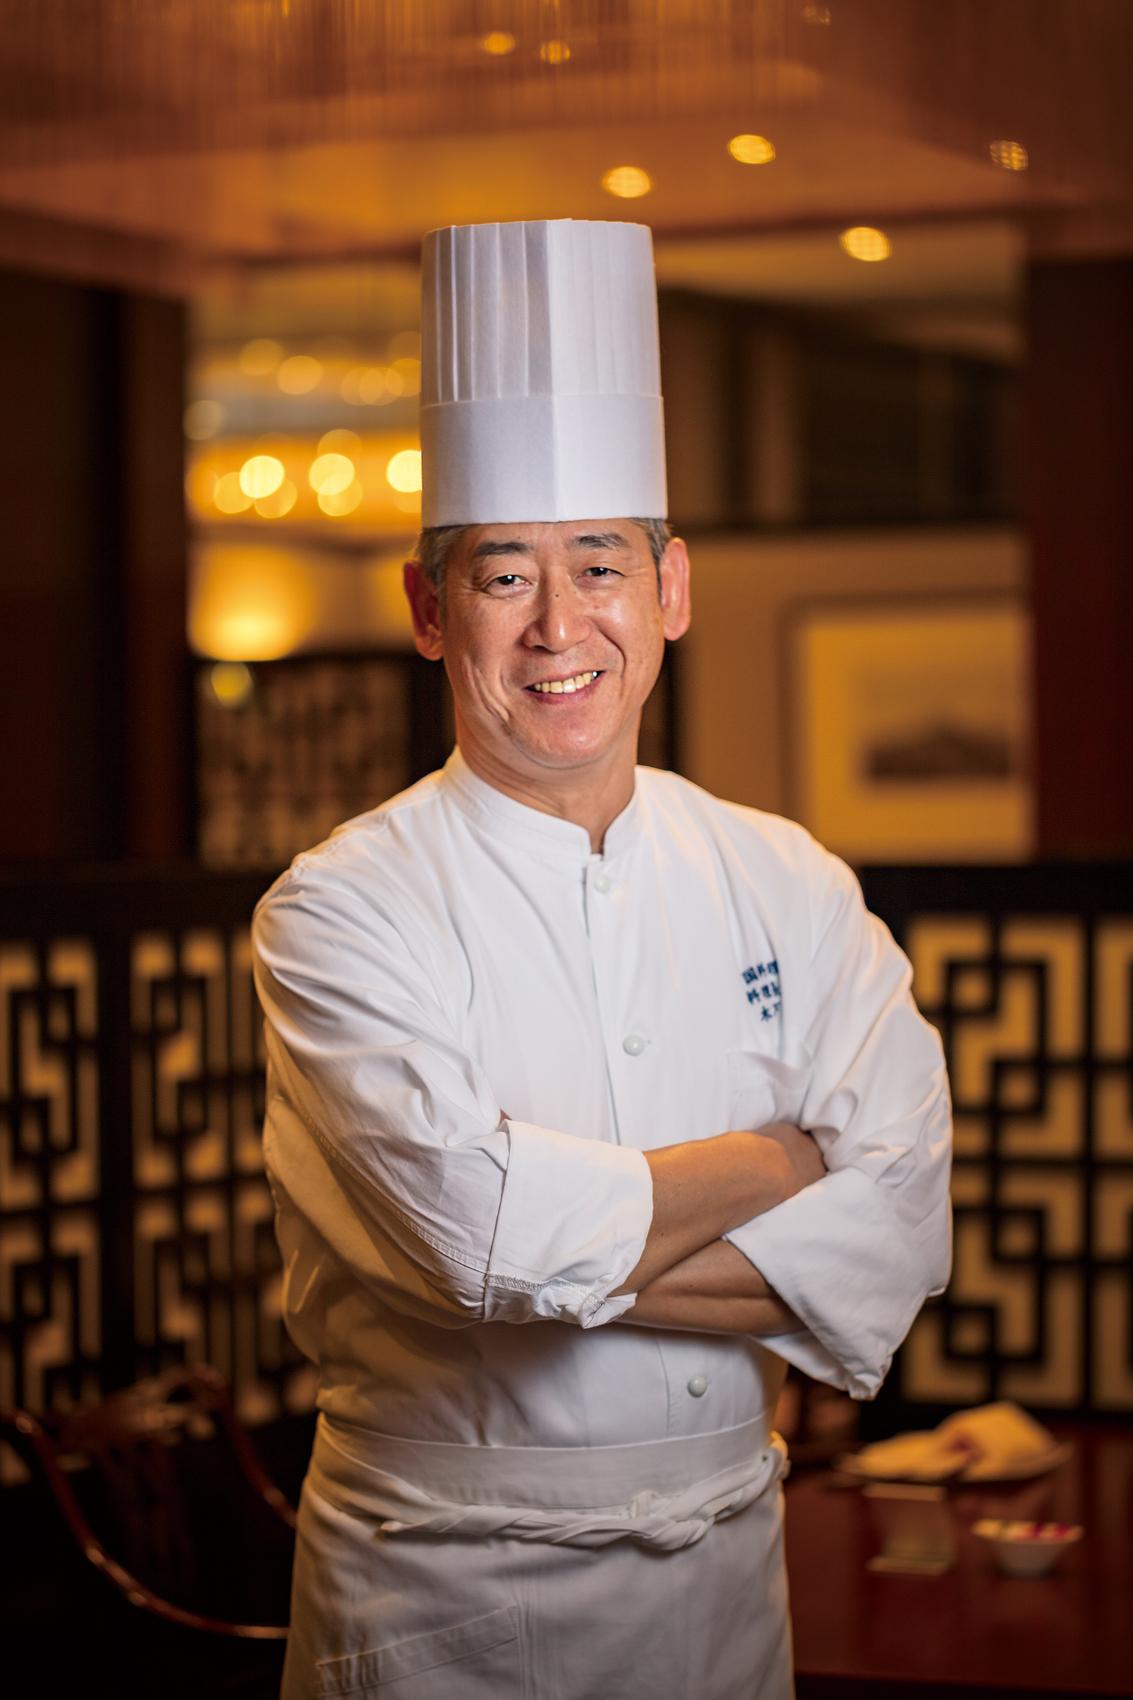 中国料理従事40周年を記念 「木下料理長 美食会」